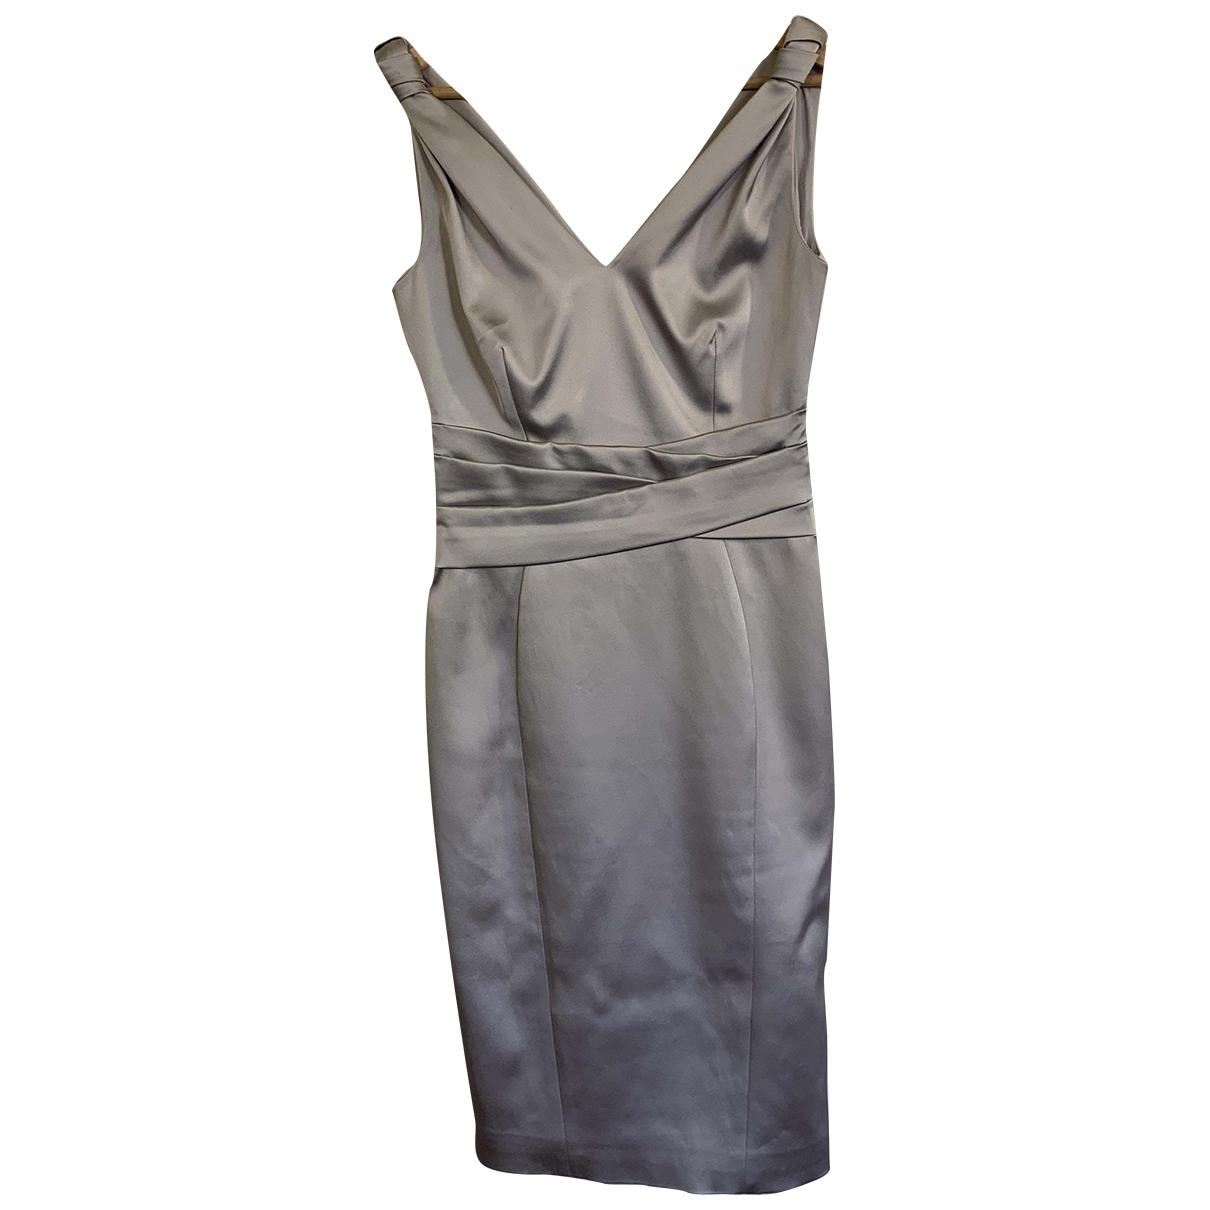 Karen Millen \N Silver dress for Women 38 IT